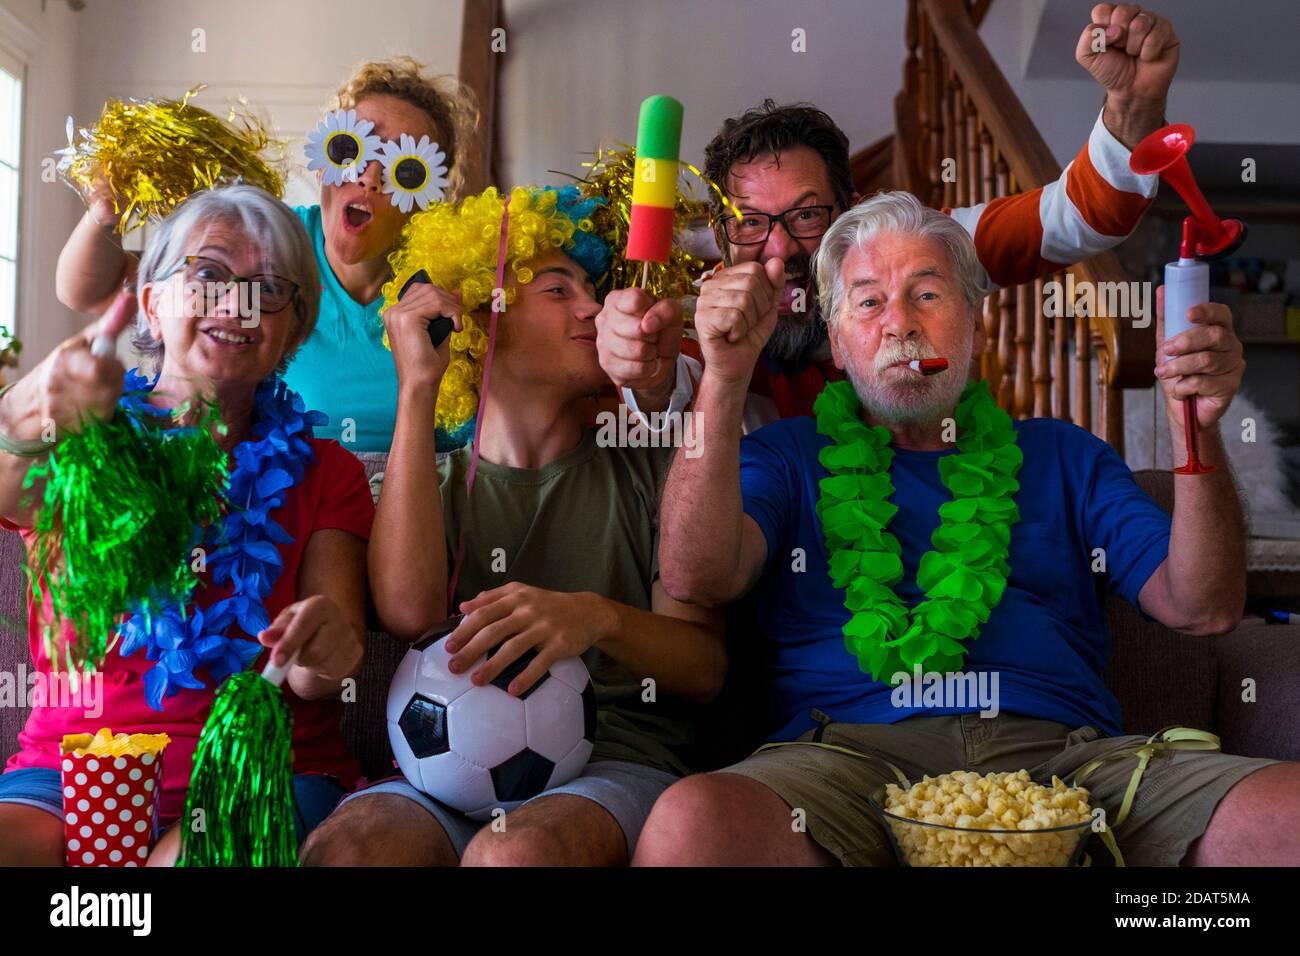 Eine Gruppe verrückter und farbiger Fußballfans feiern und jubeln Während des Spiels - gemischte Alter der kaukasischen Menschen Familie Und Freunde genießen Sport su Stockfoto